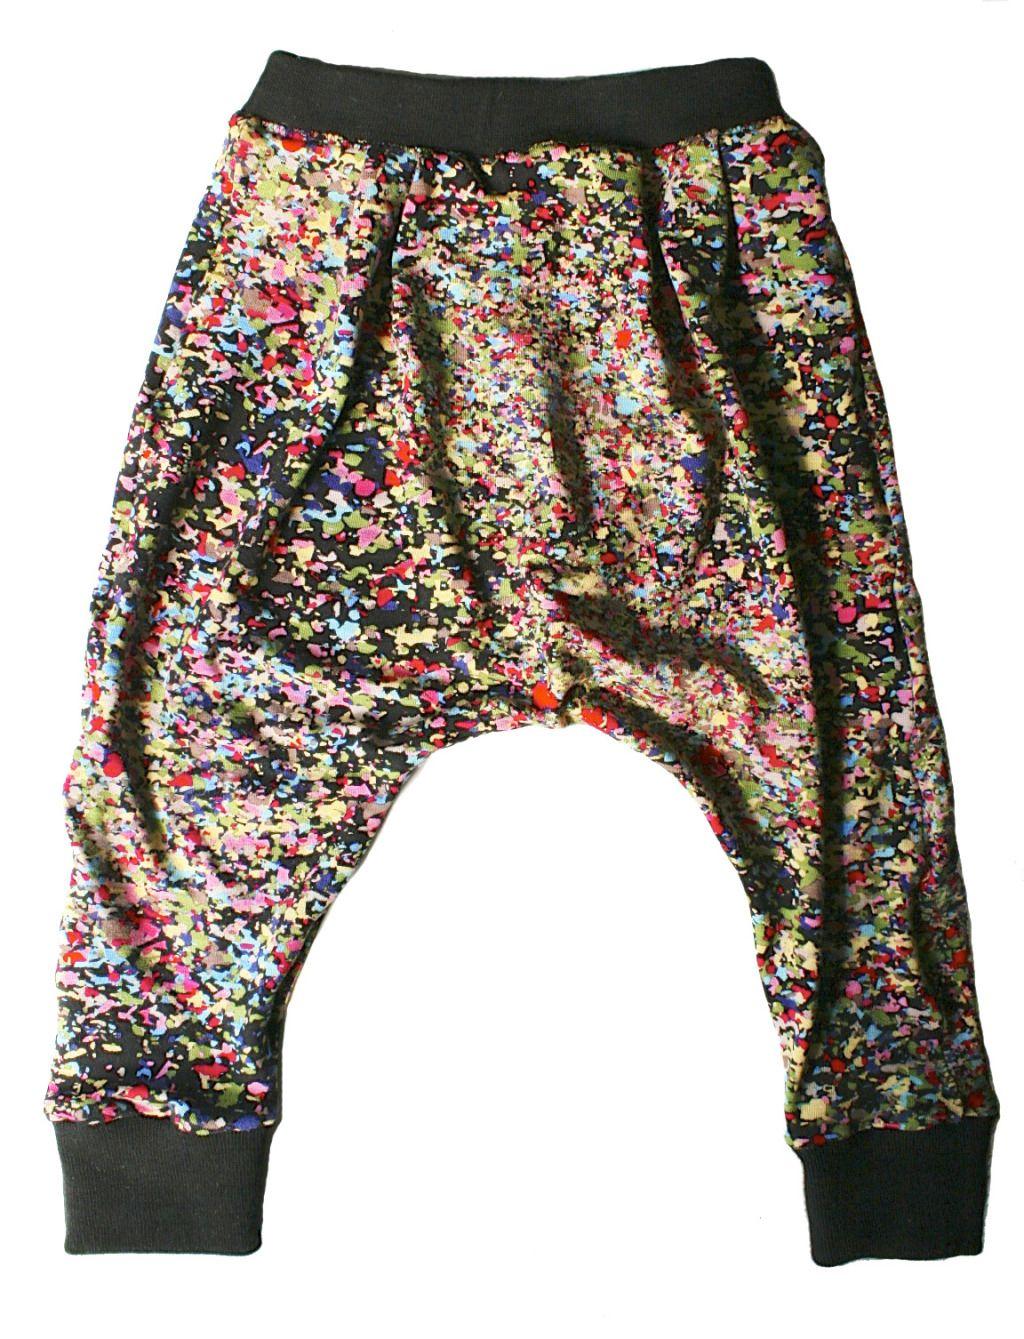 Harem pants pattern | Schnittmuster kinder, Schnittmuster und Kind